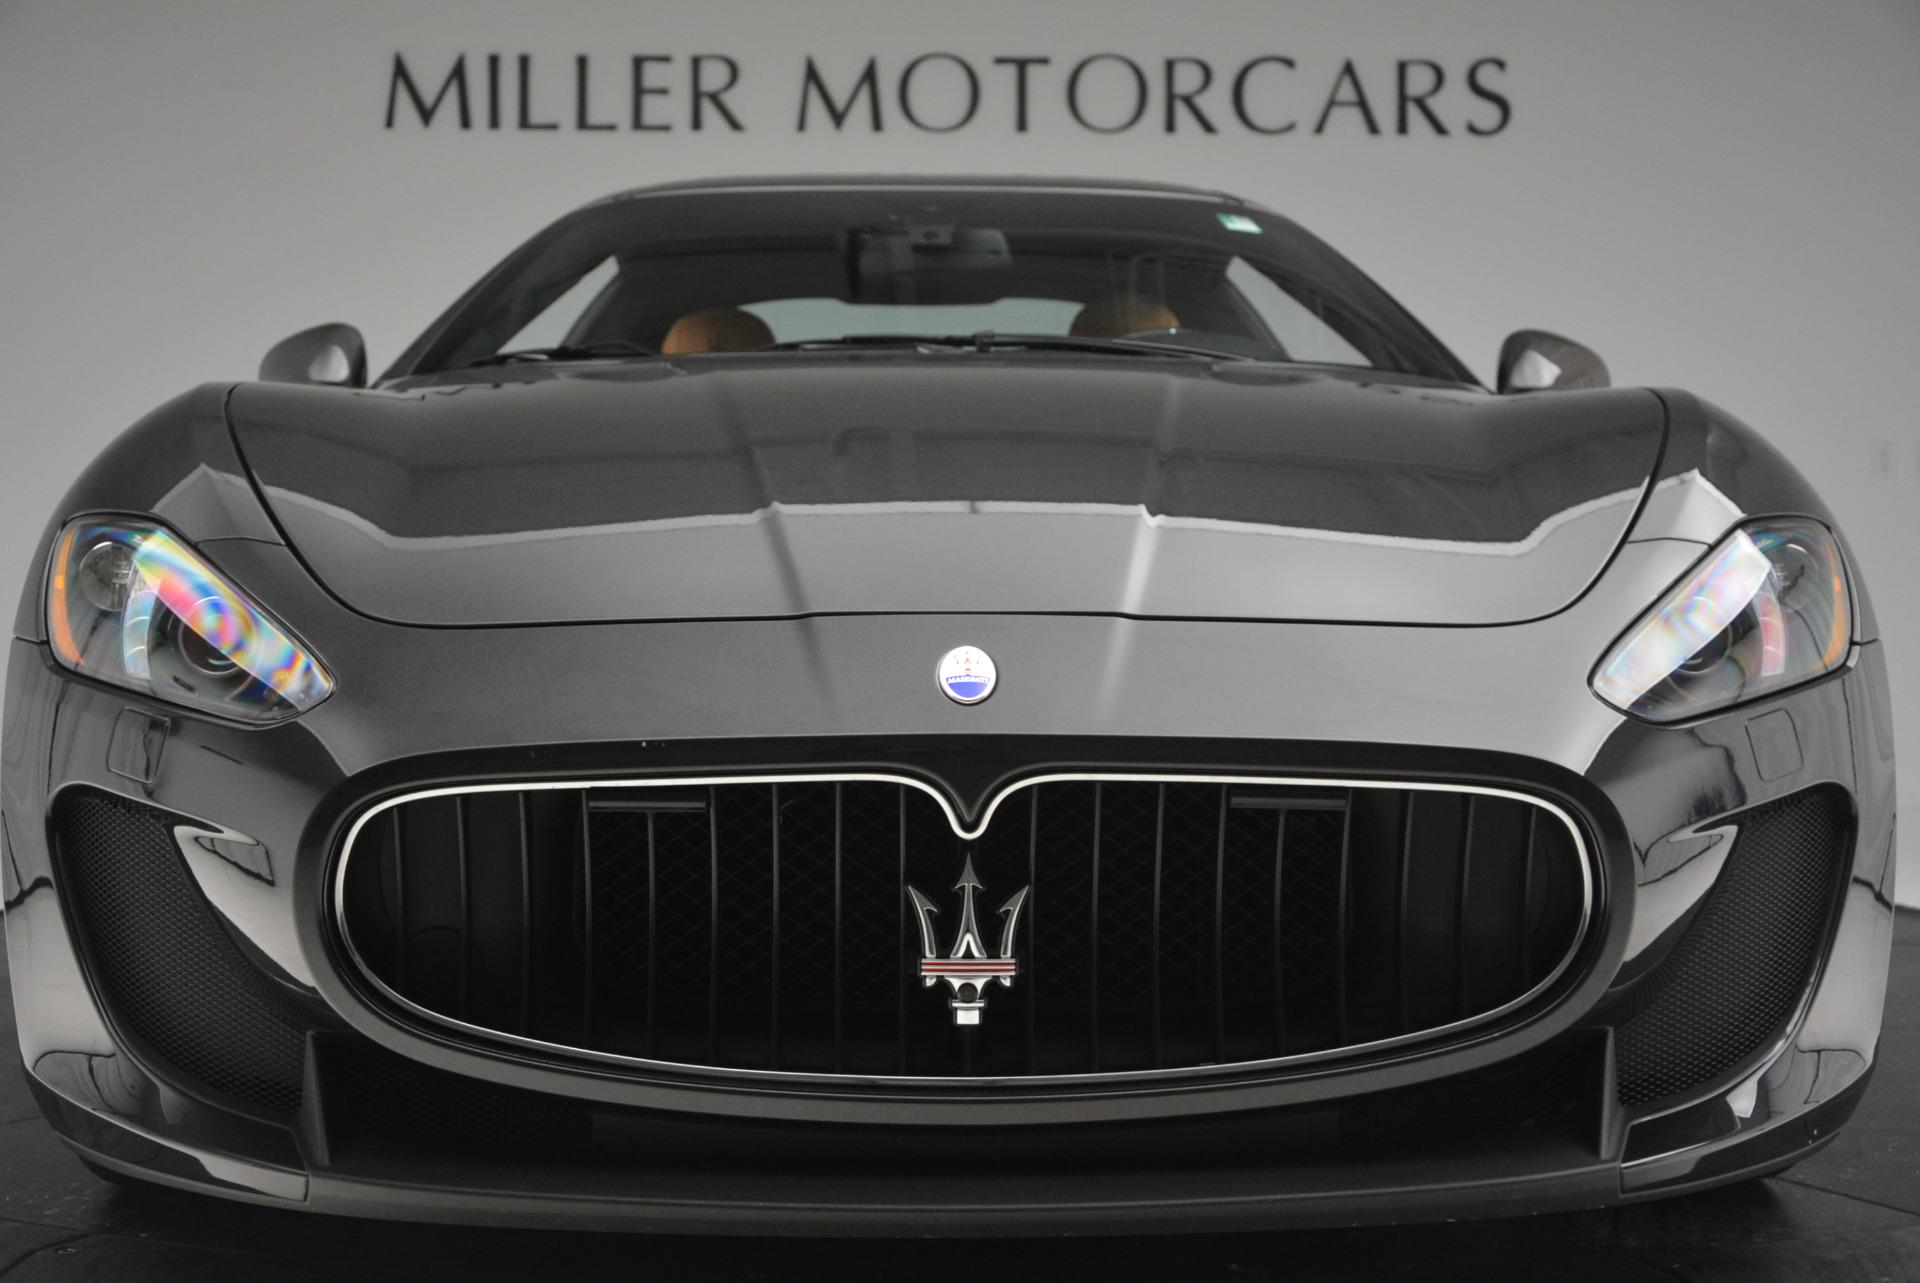 Used 2013 Maserati GranTurismo MC For Sale In Westport, CT 773_p13